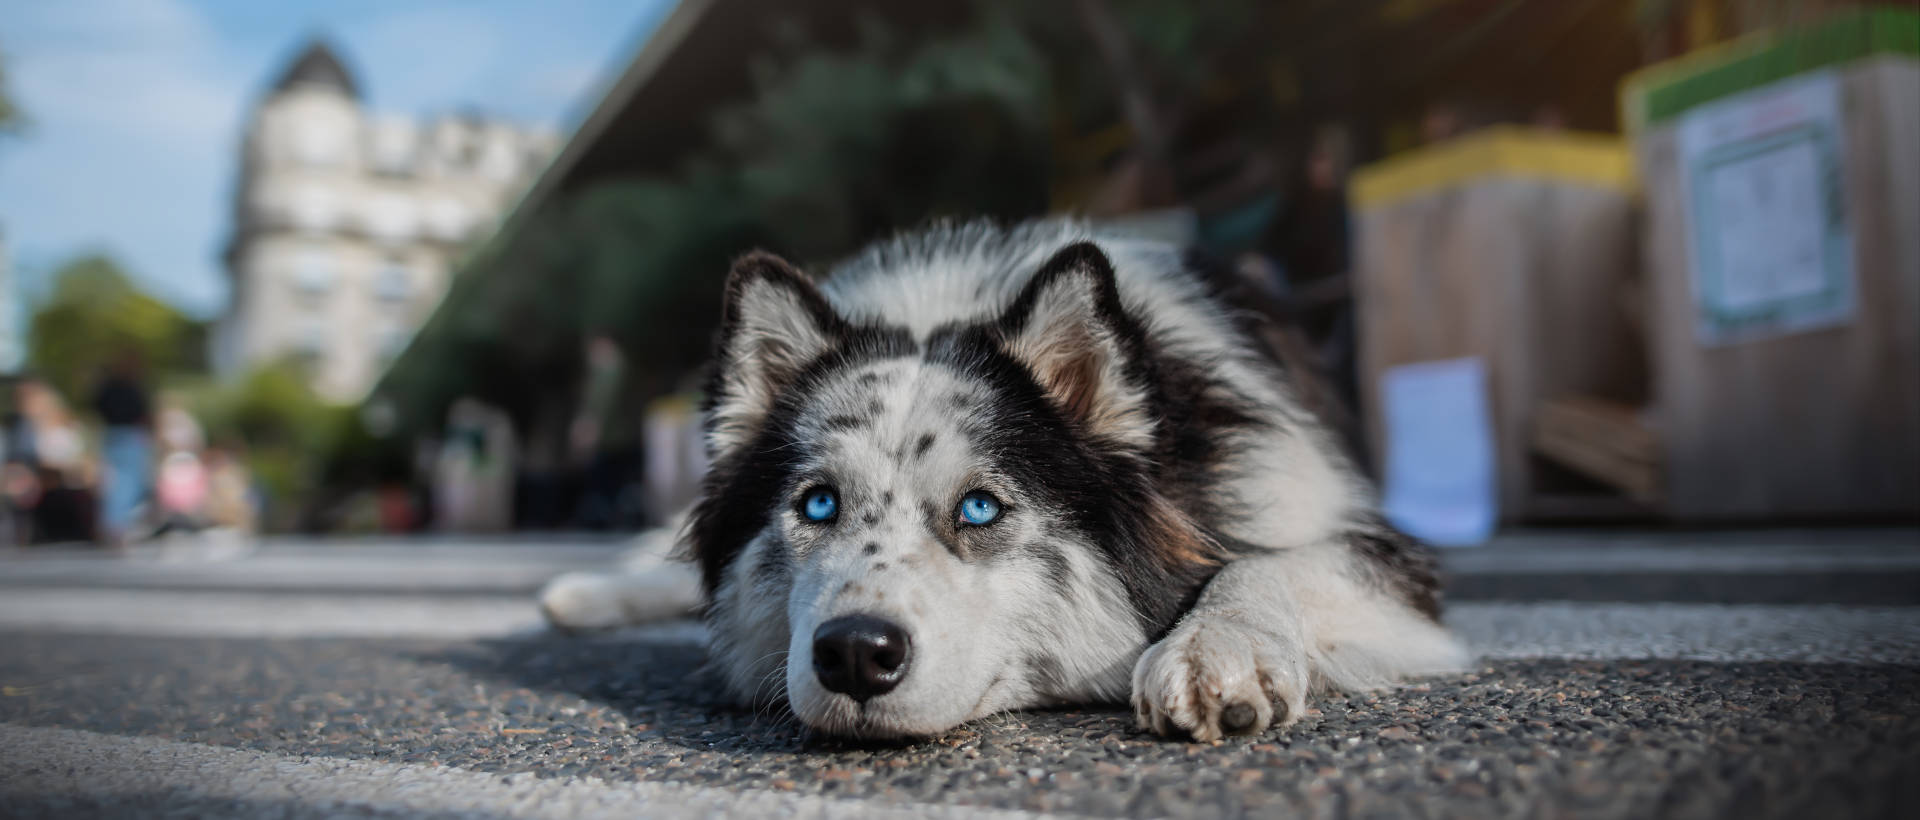 Dog Revolution 2016 - Evénement Animal University - Vivre et travailler dans le respect de l'animal